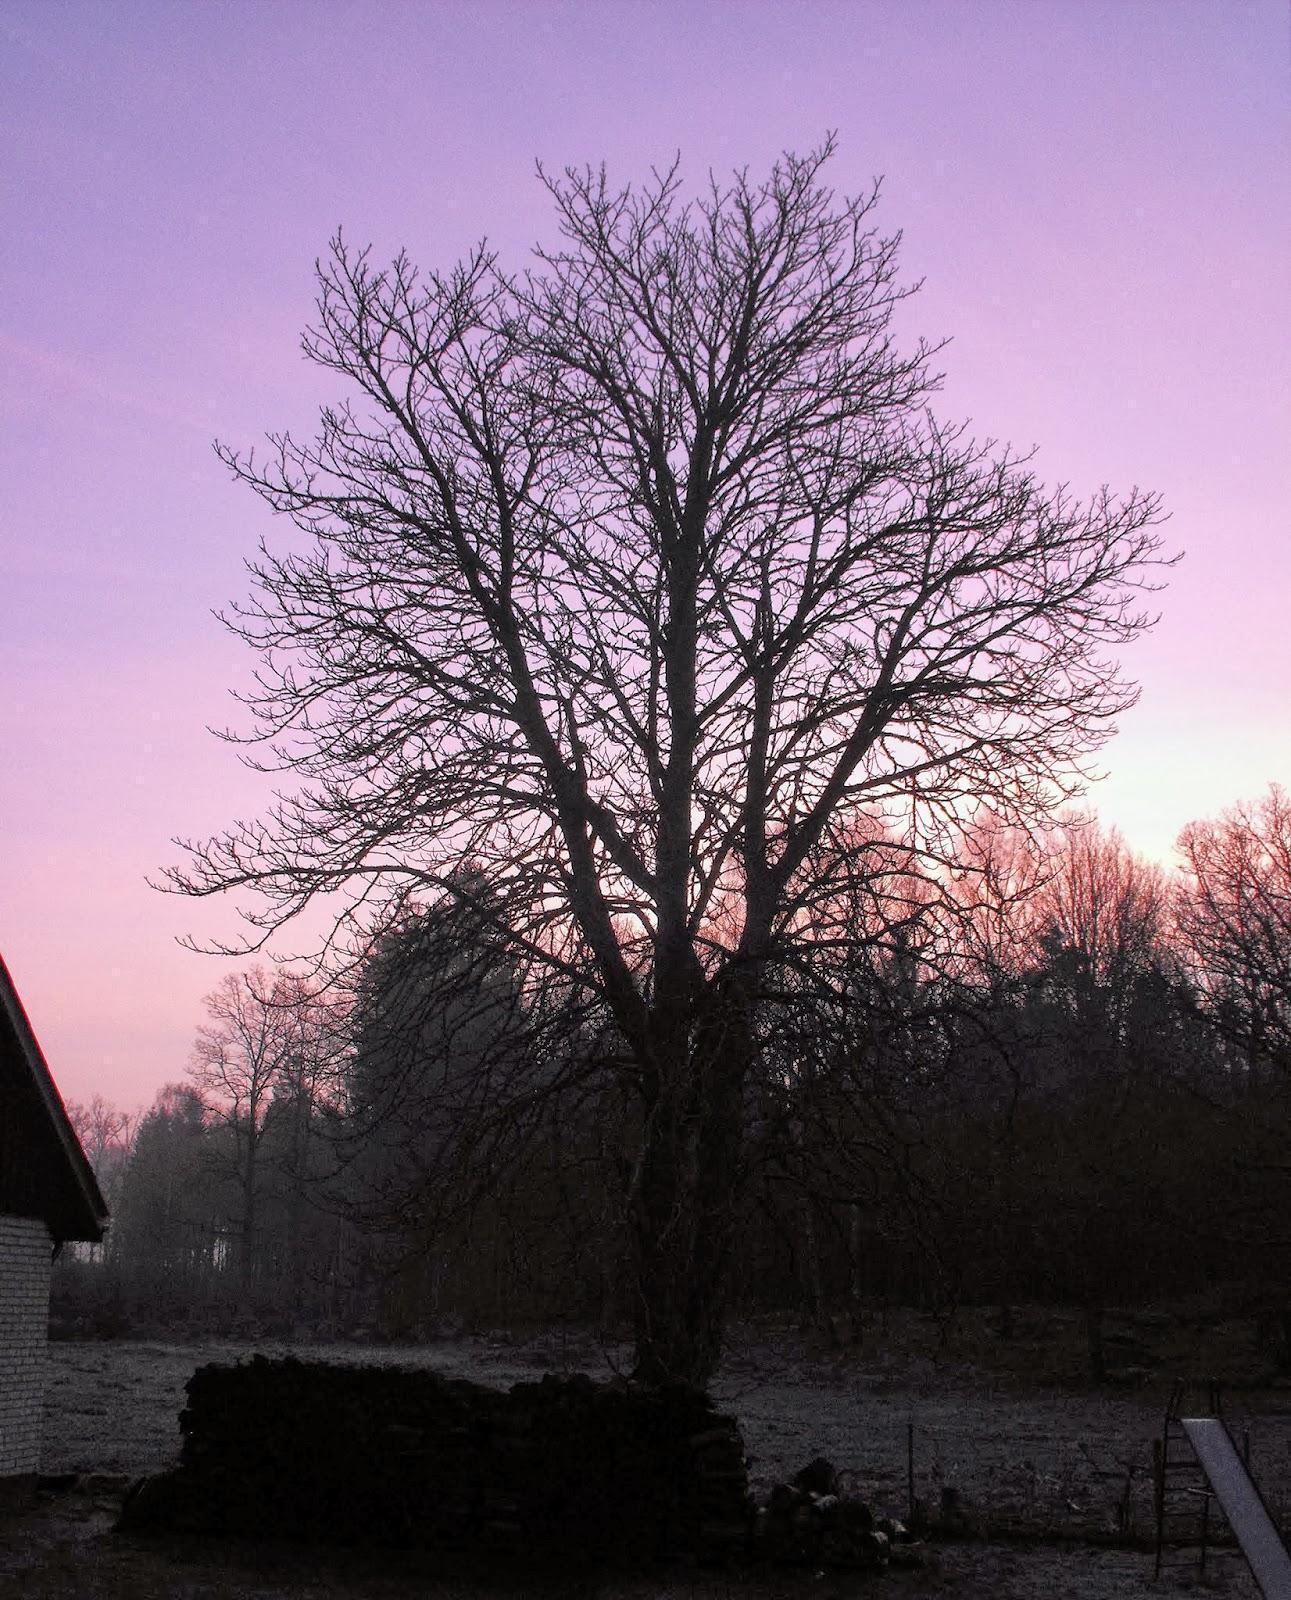 Tidig morgon, Sösdala, morgon, Vacker natur, underbart, skåne, hässleholm, livet på landet, landsbygden